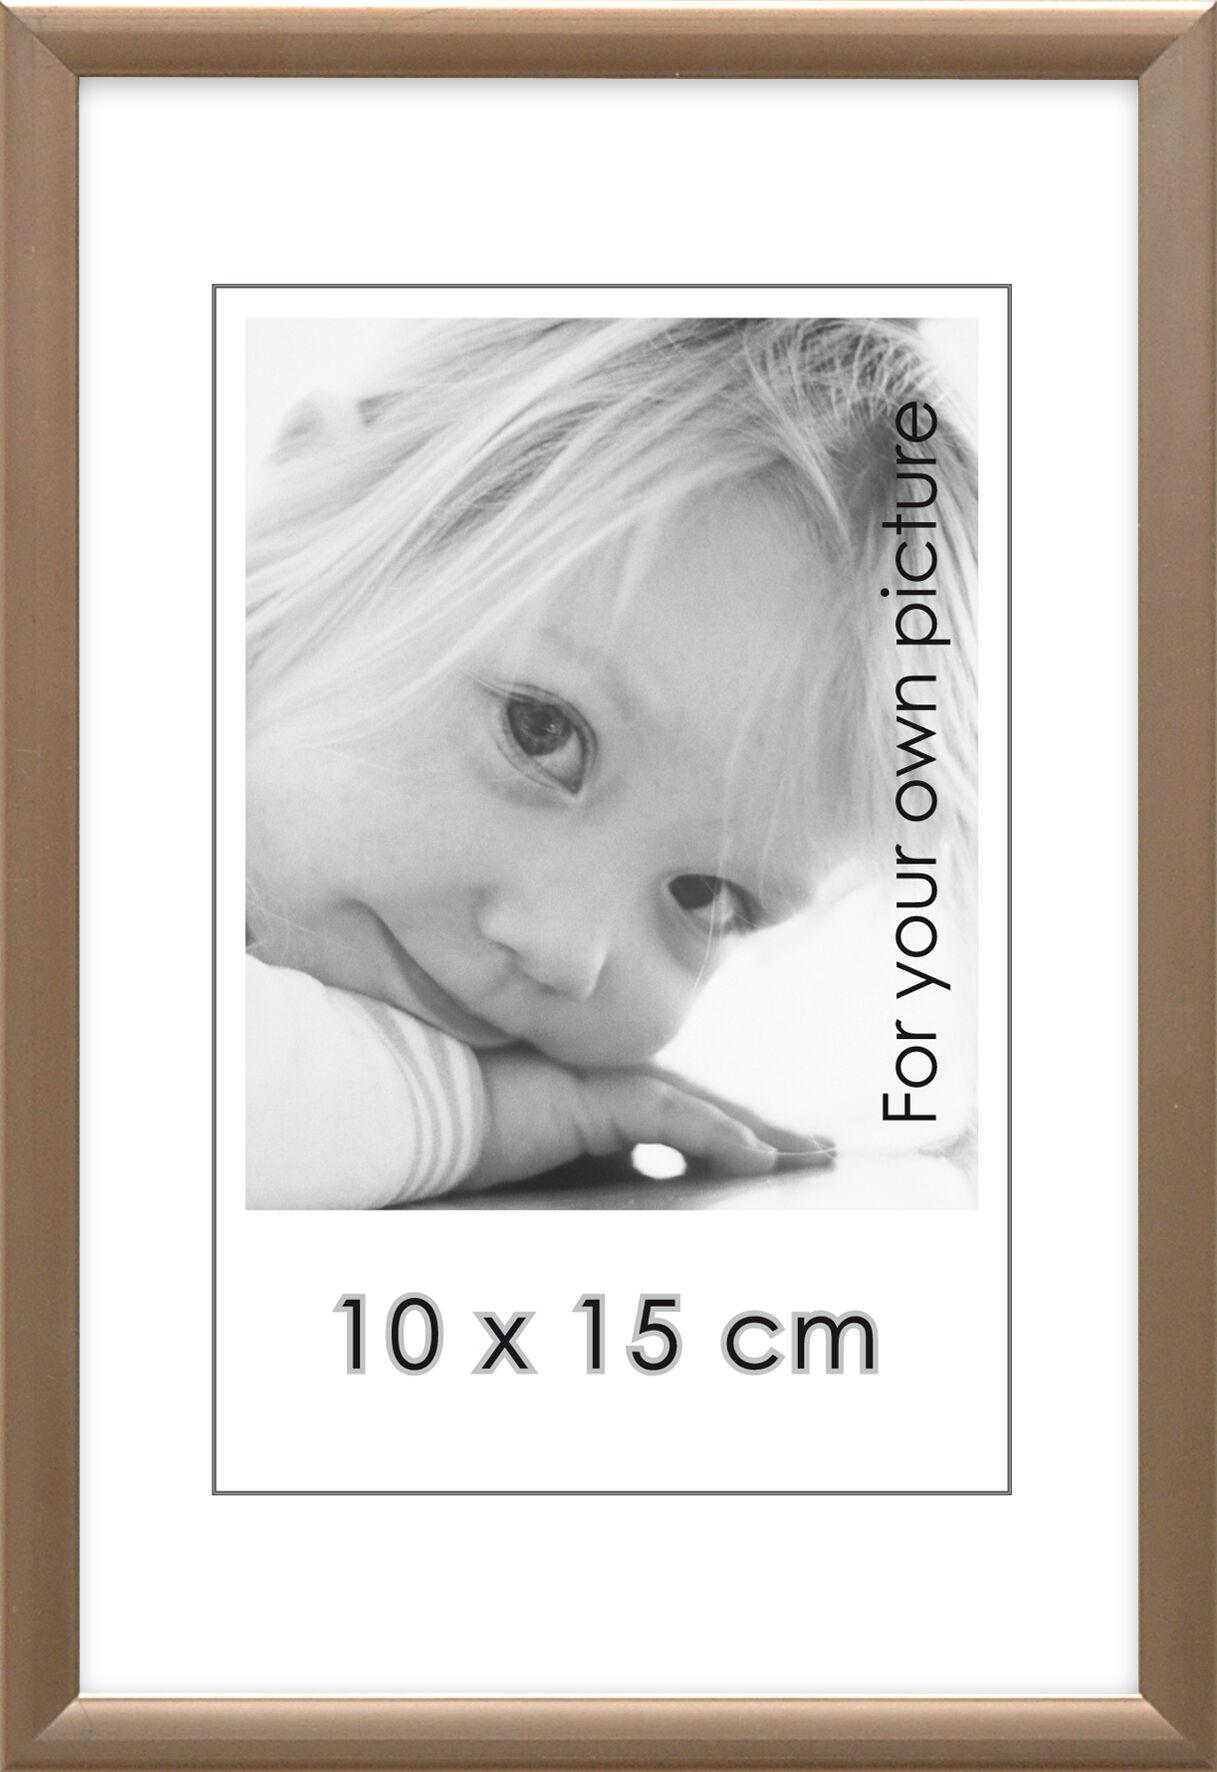 Artlink Åland Matta Pronssinvärinen 15x20 cm